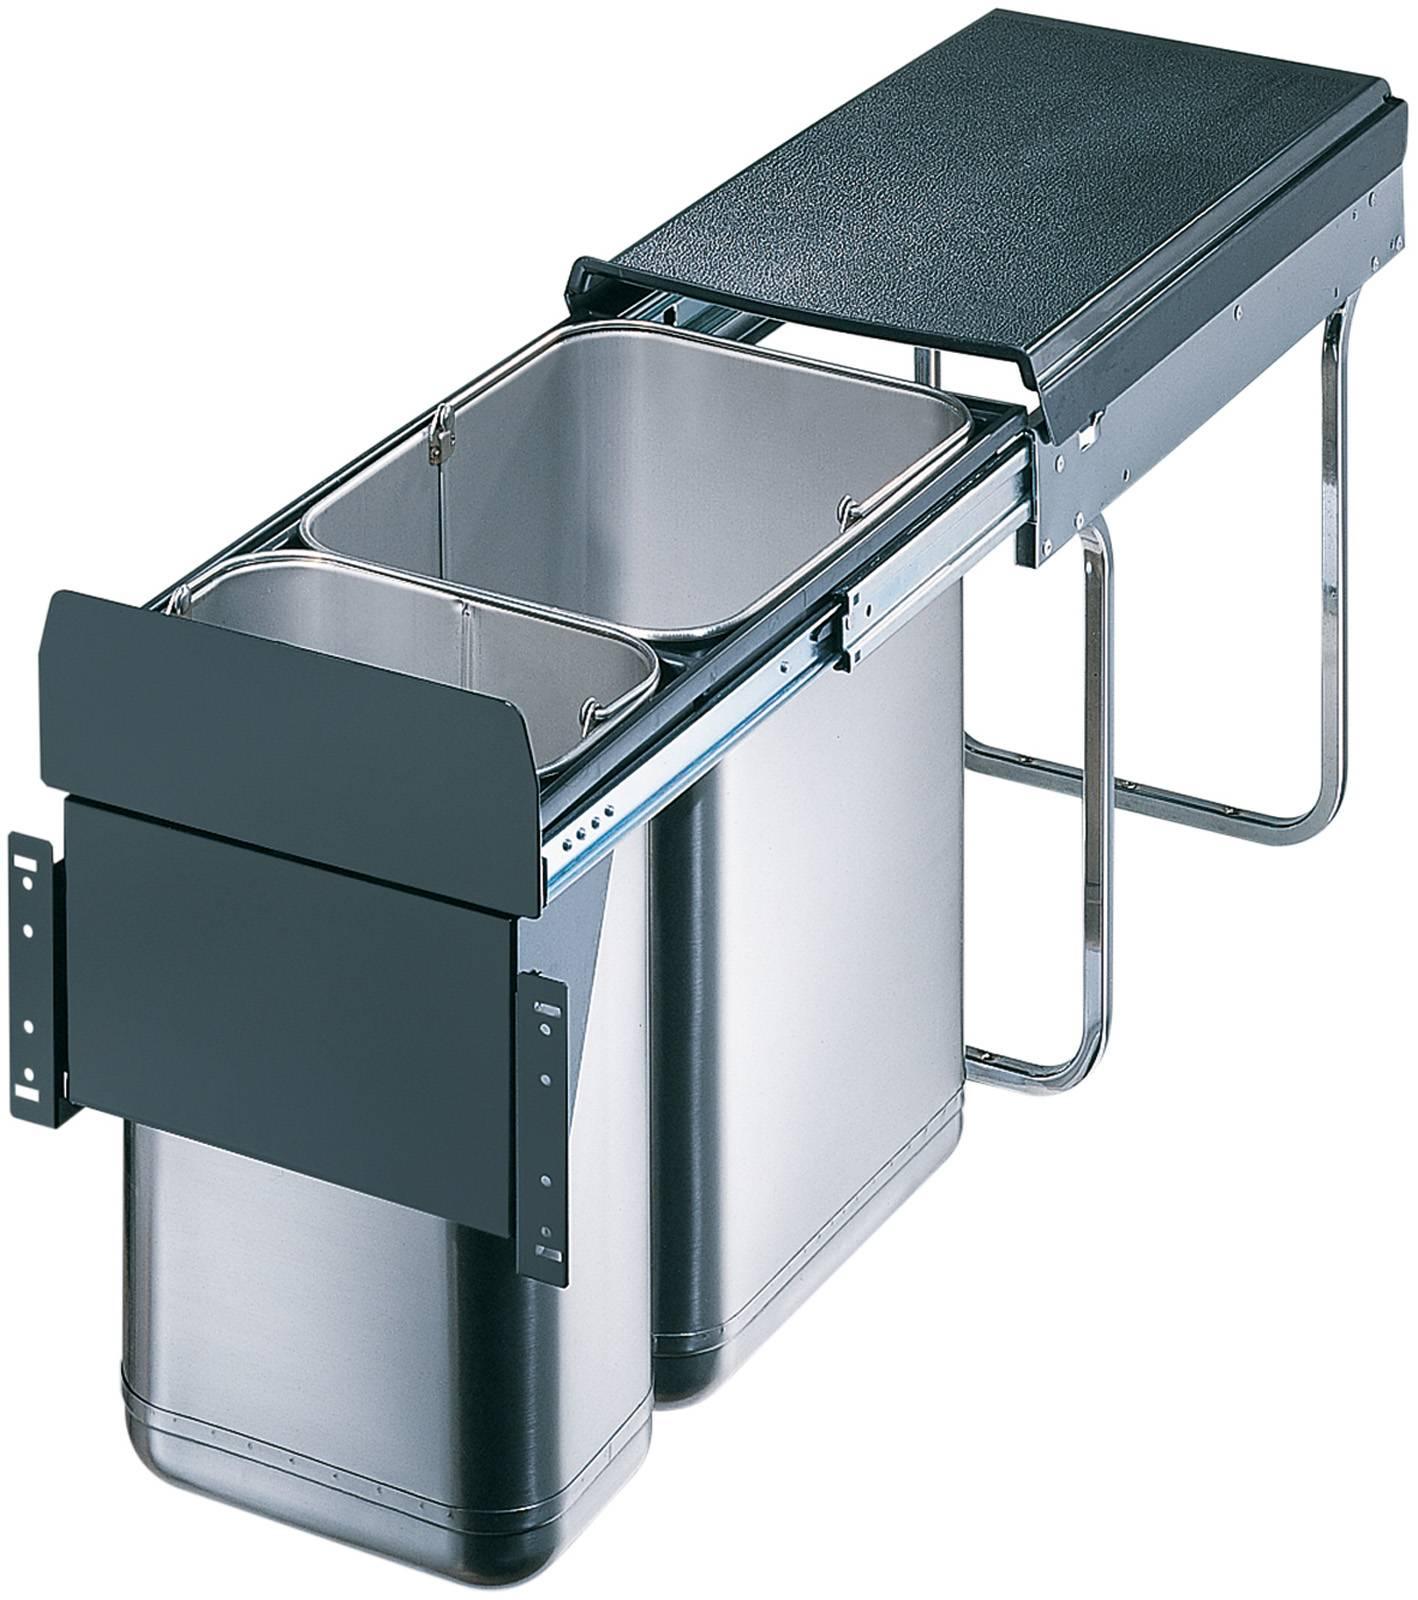 Poubelle Coulissante A Ouverture Automatique Accessoires De Cuisines